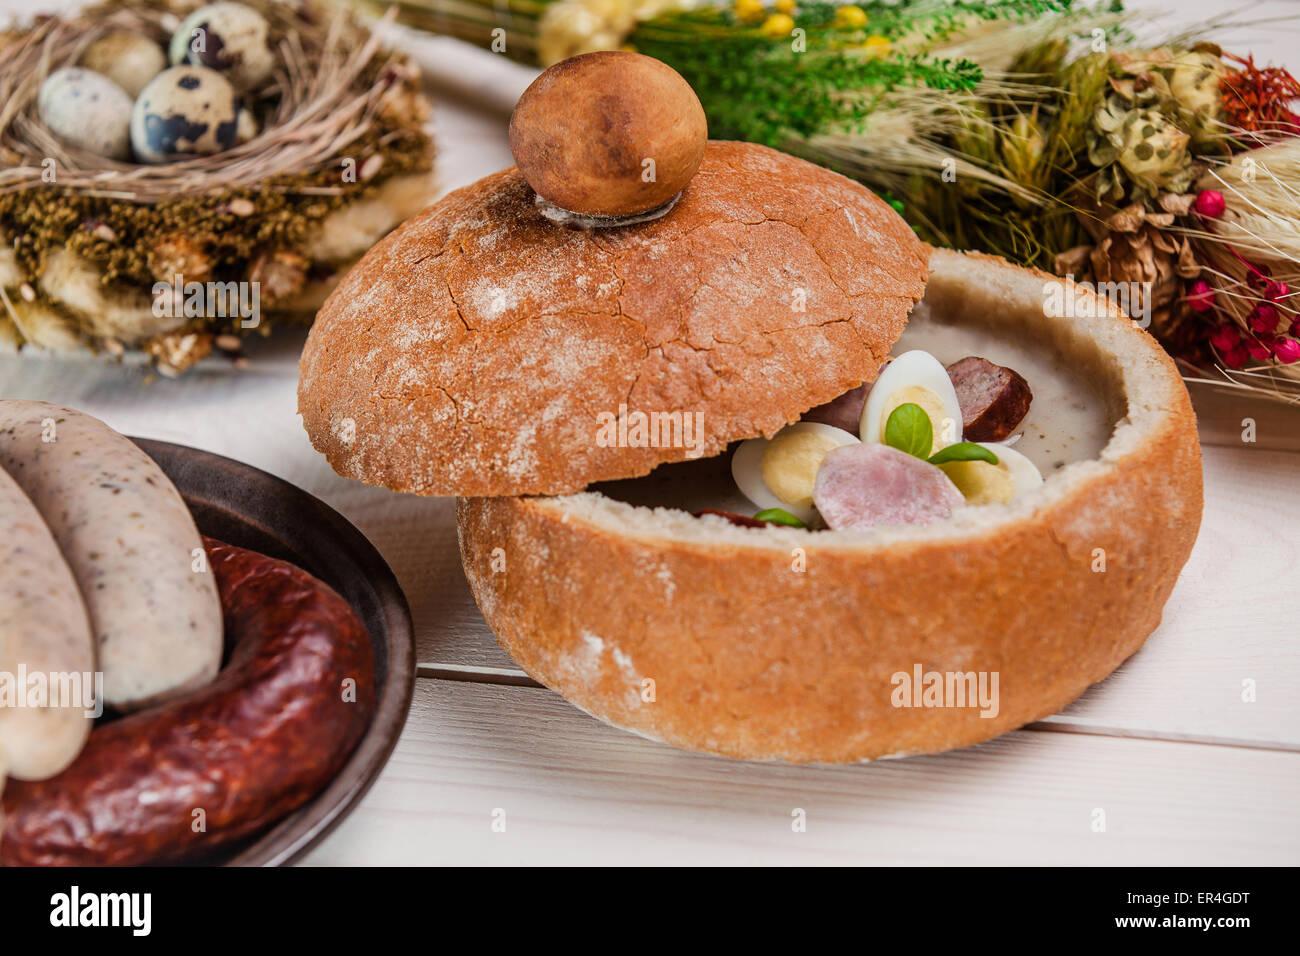 Abundancia en la tabla de fiestas de Pascua. Debica, Polonia Imagen De Stock